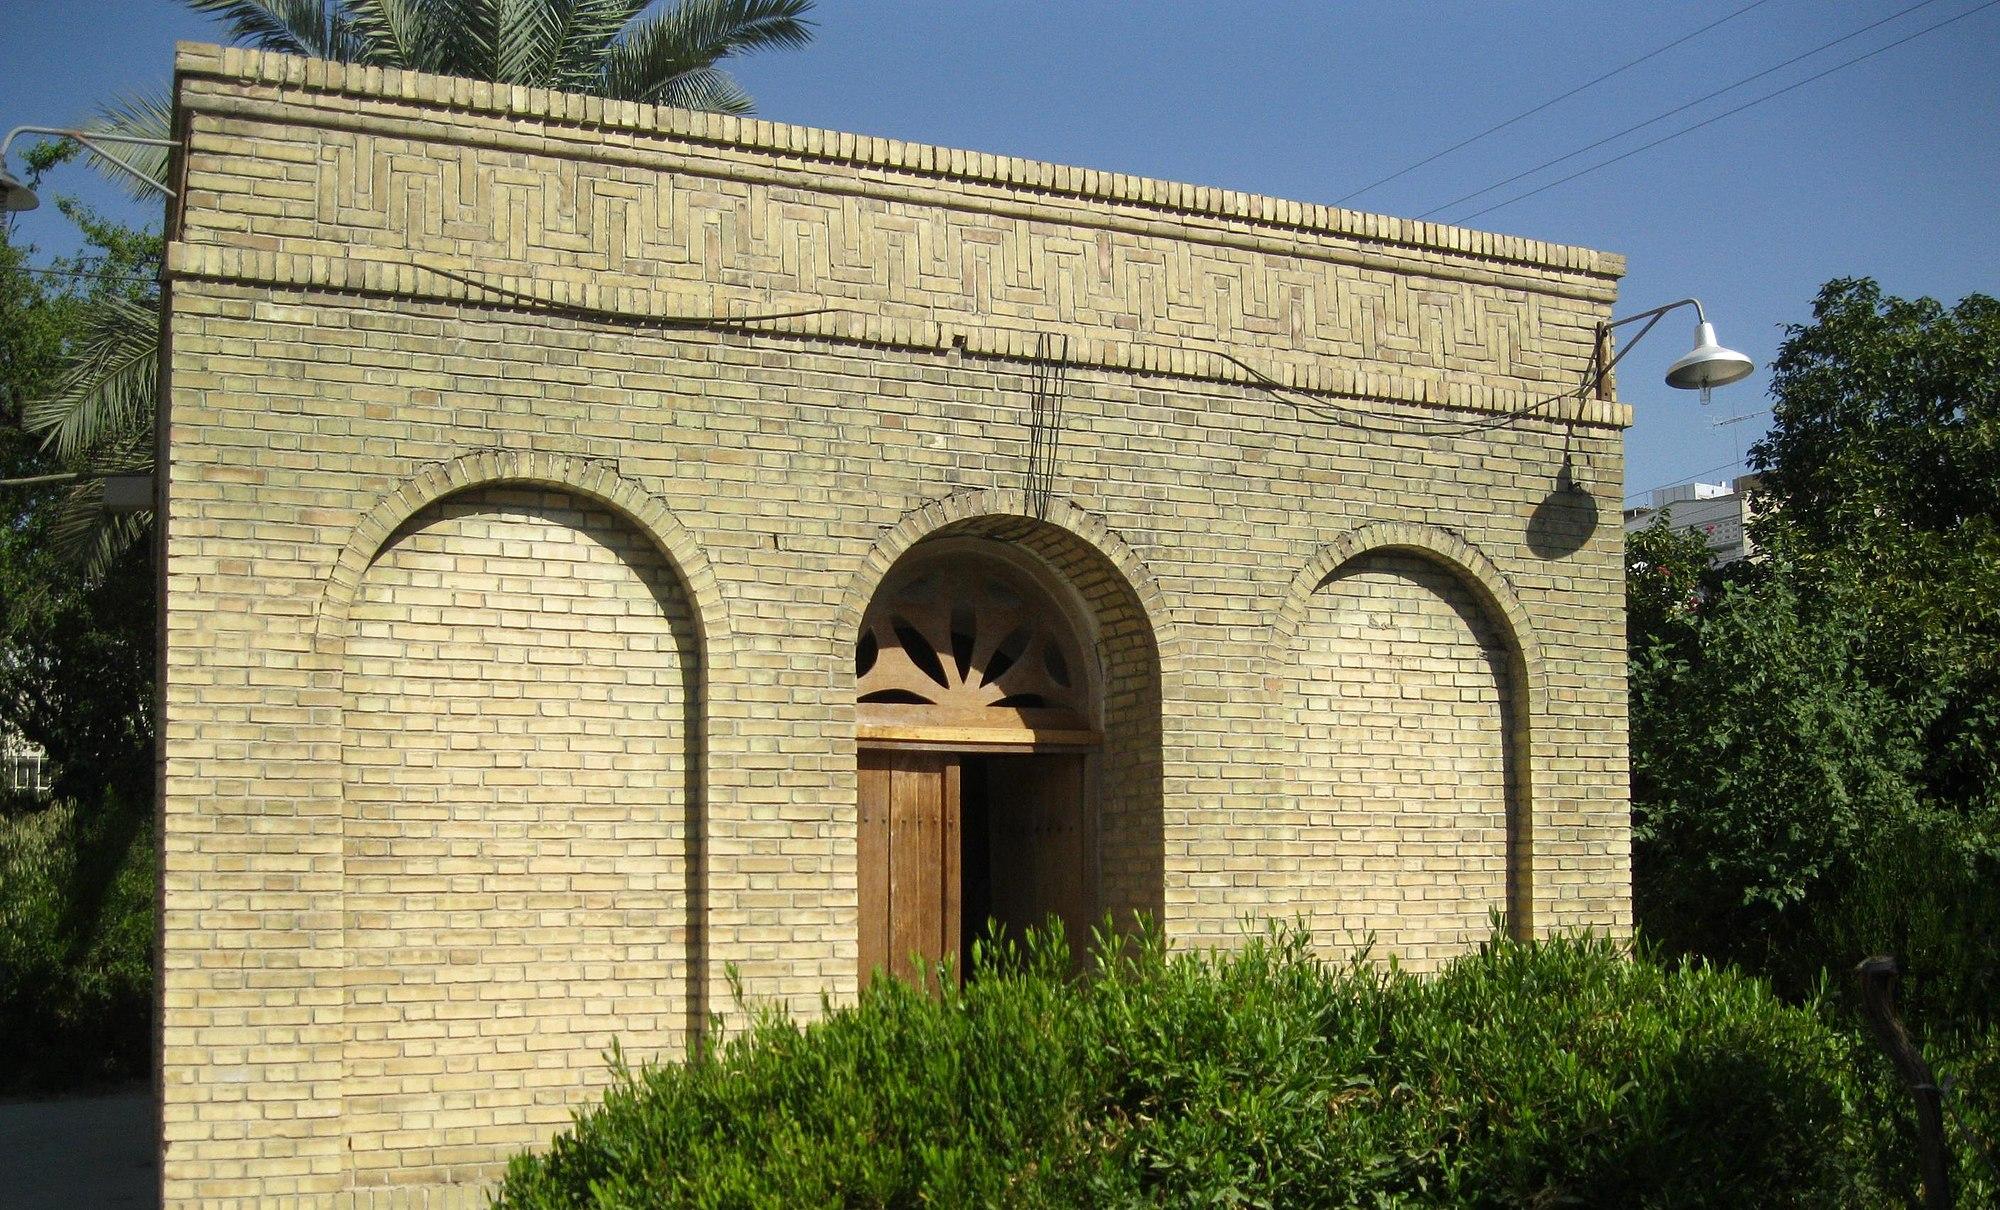 آرامگاه و خانقاه شیخ ابواسحق